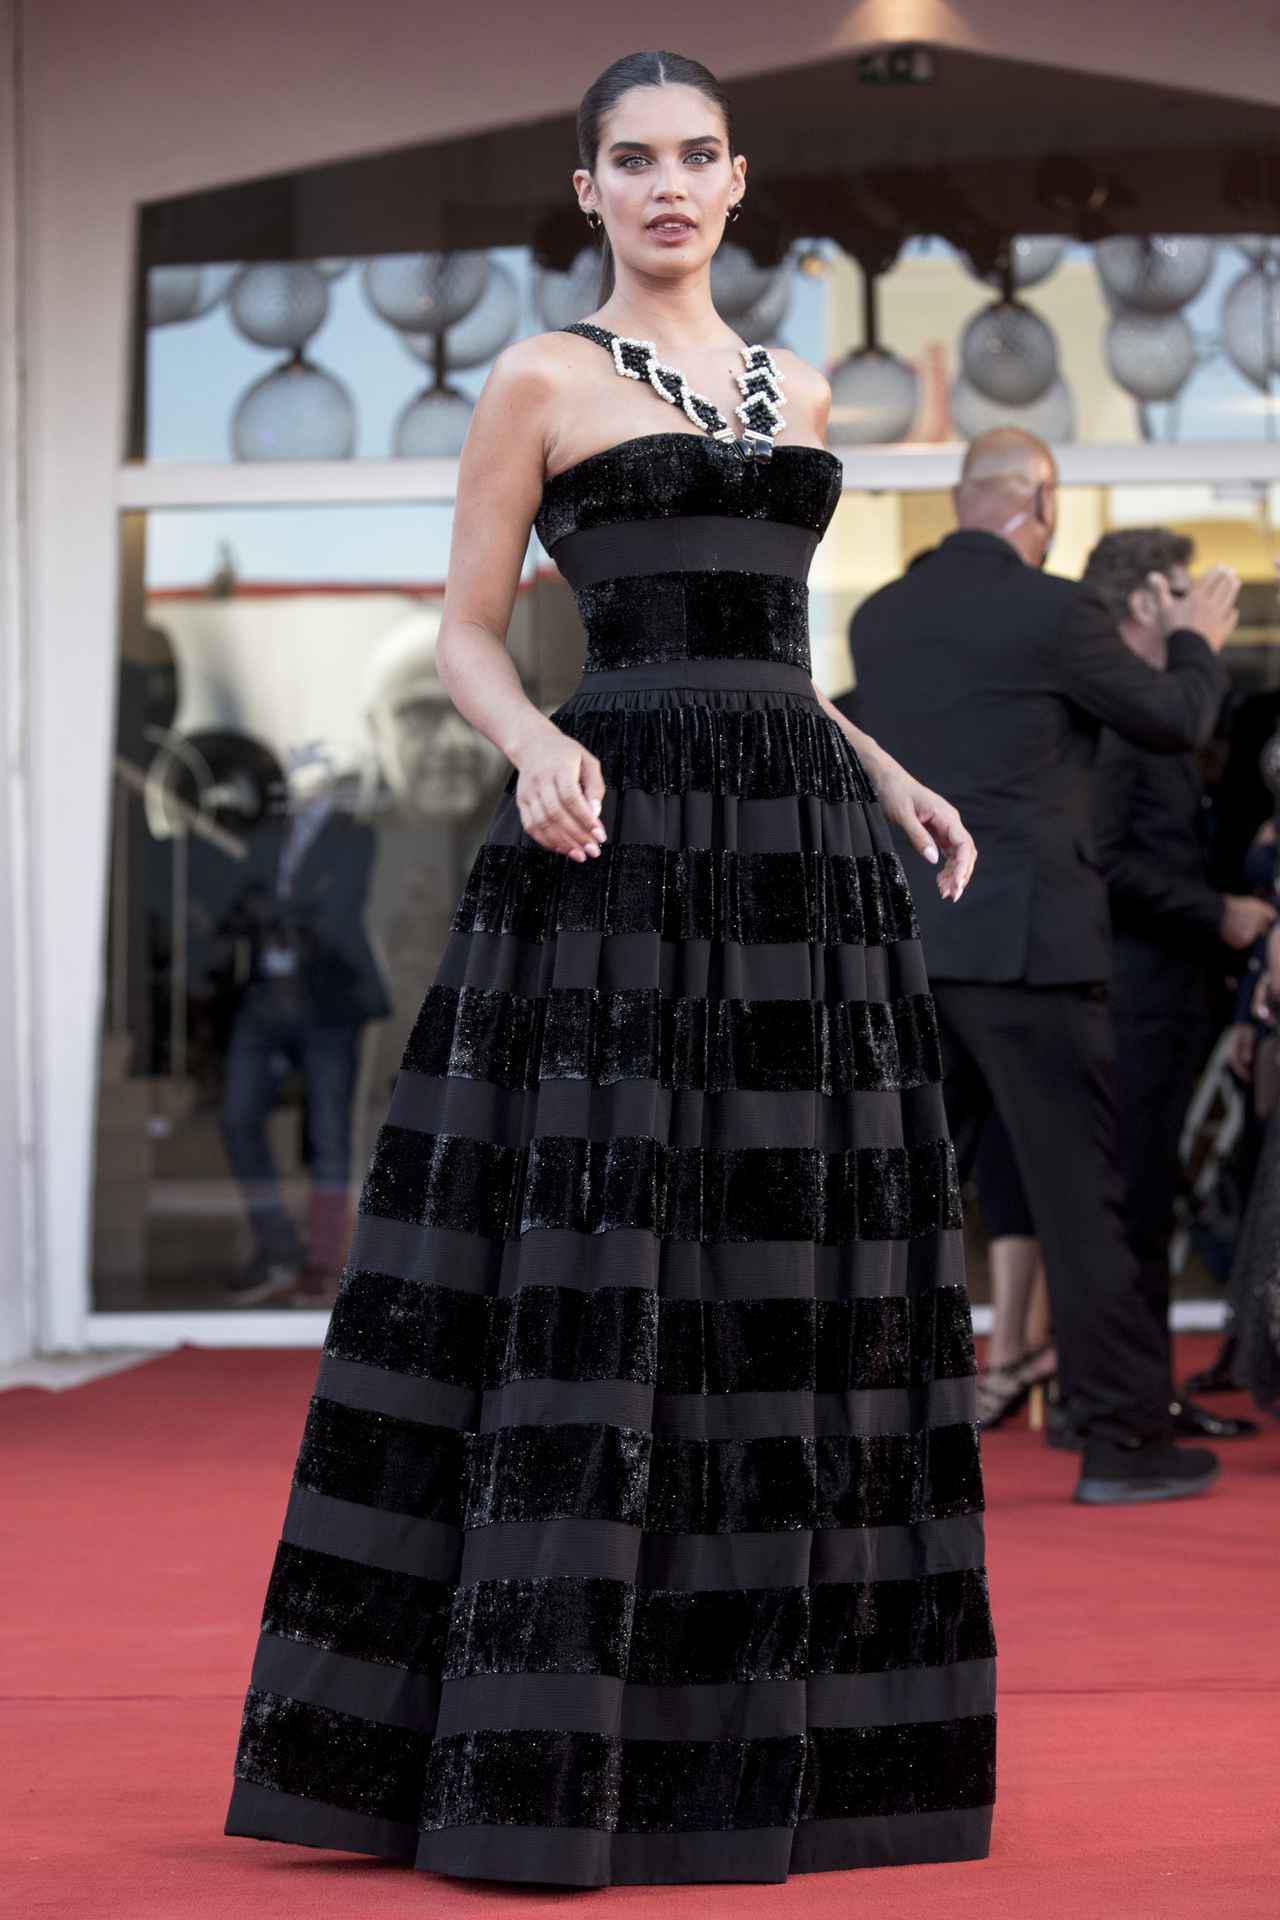 画像2: サラのドレスがアレンジされていた